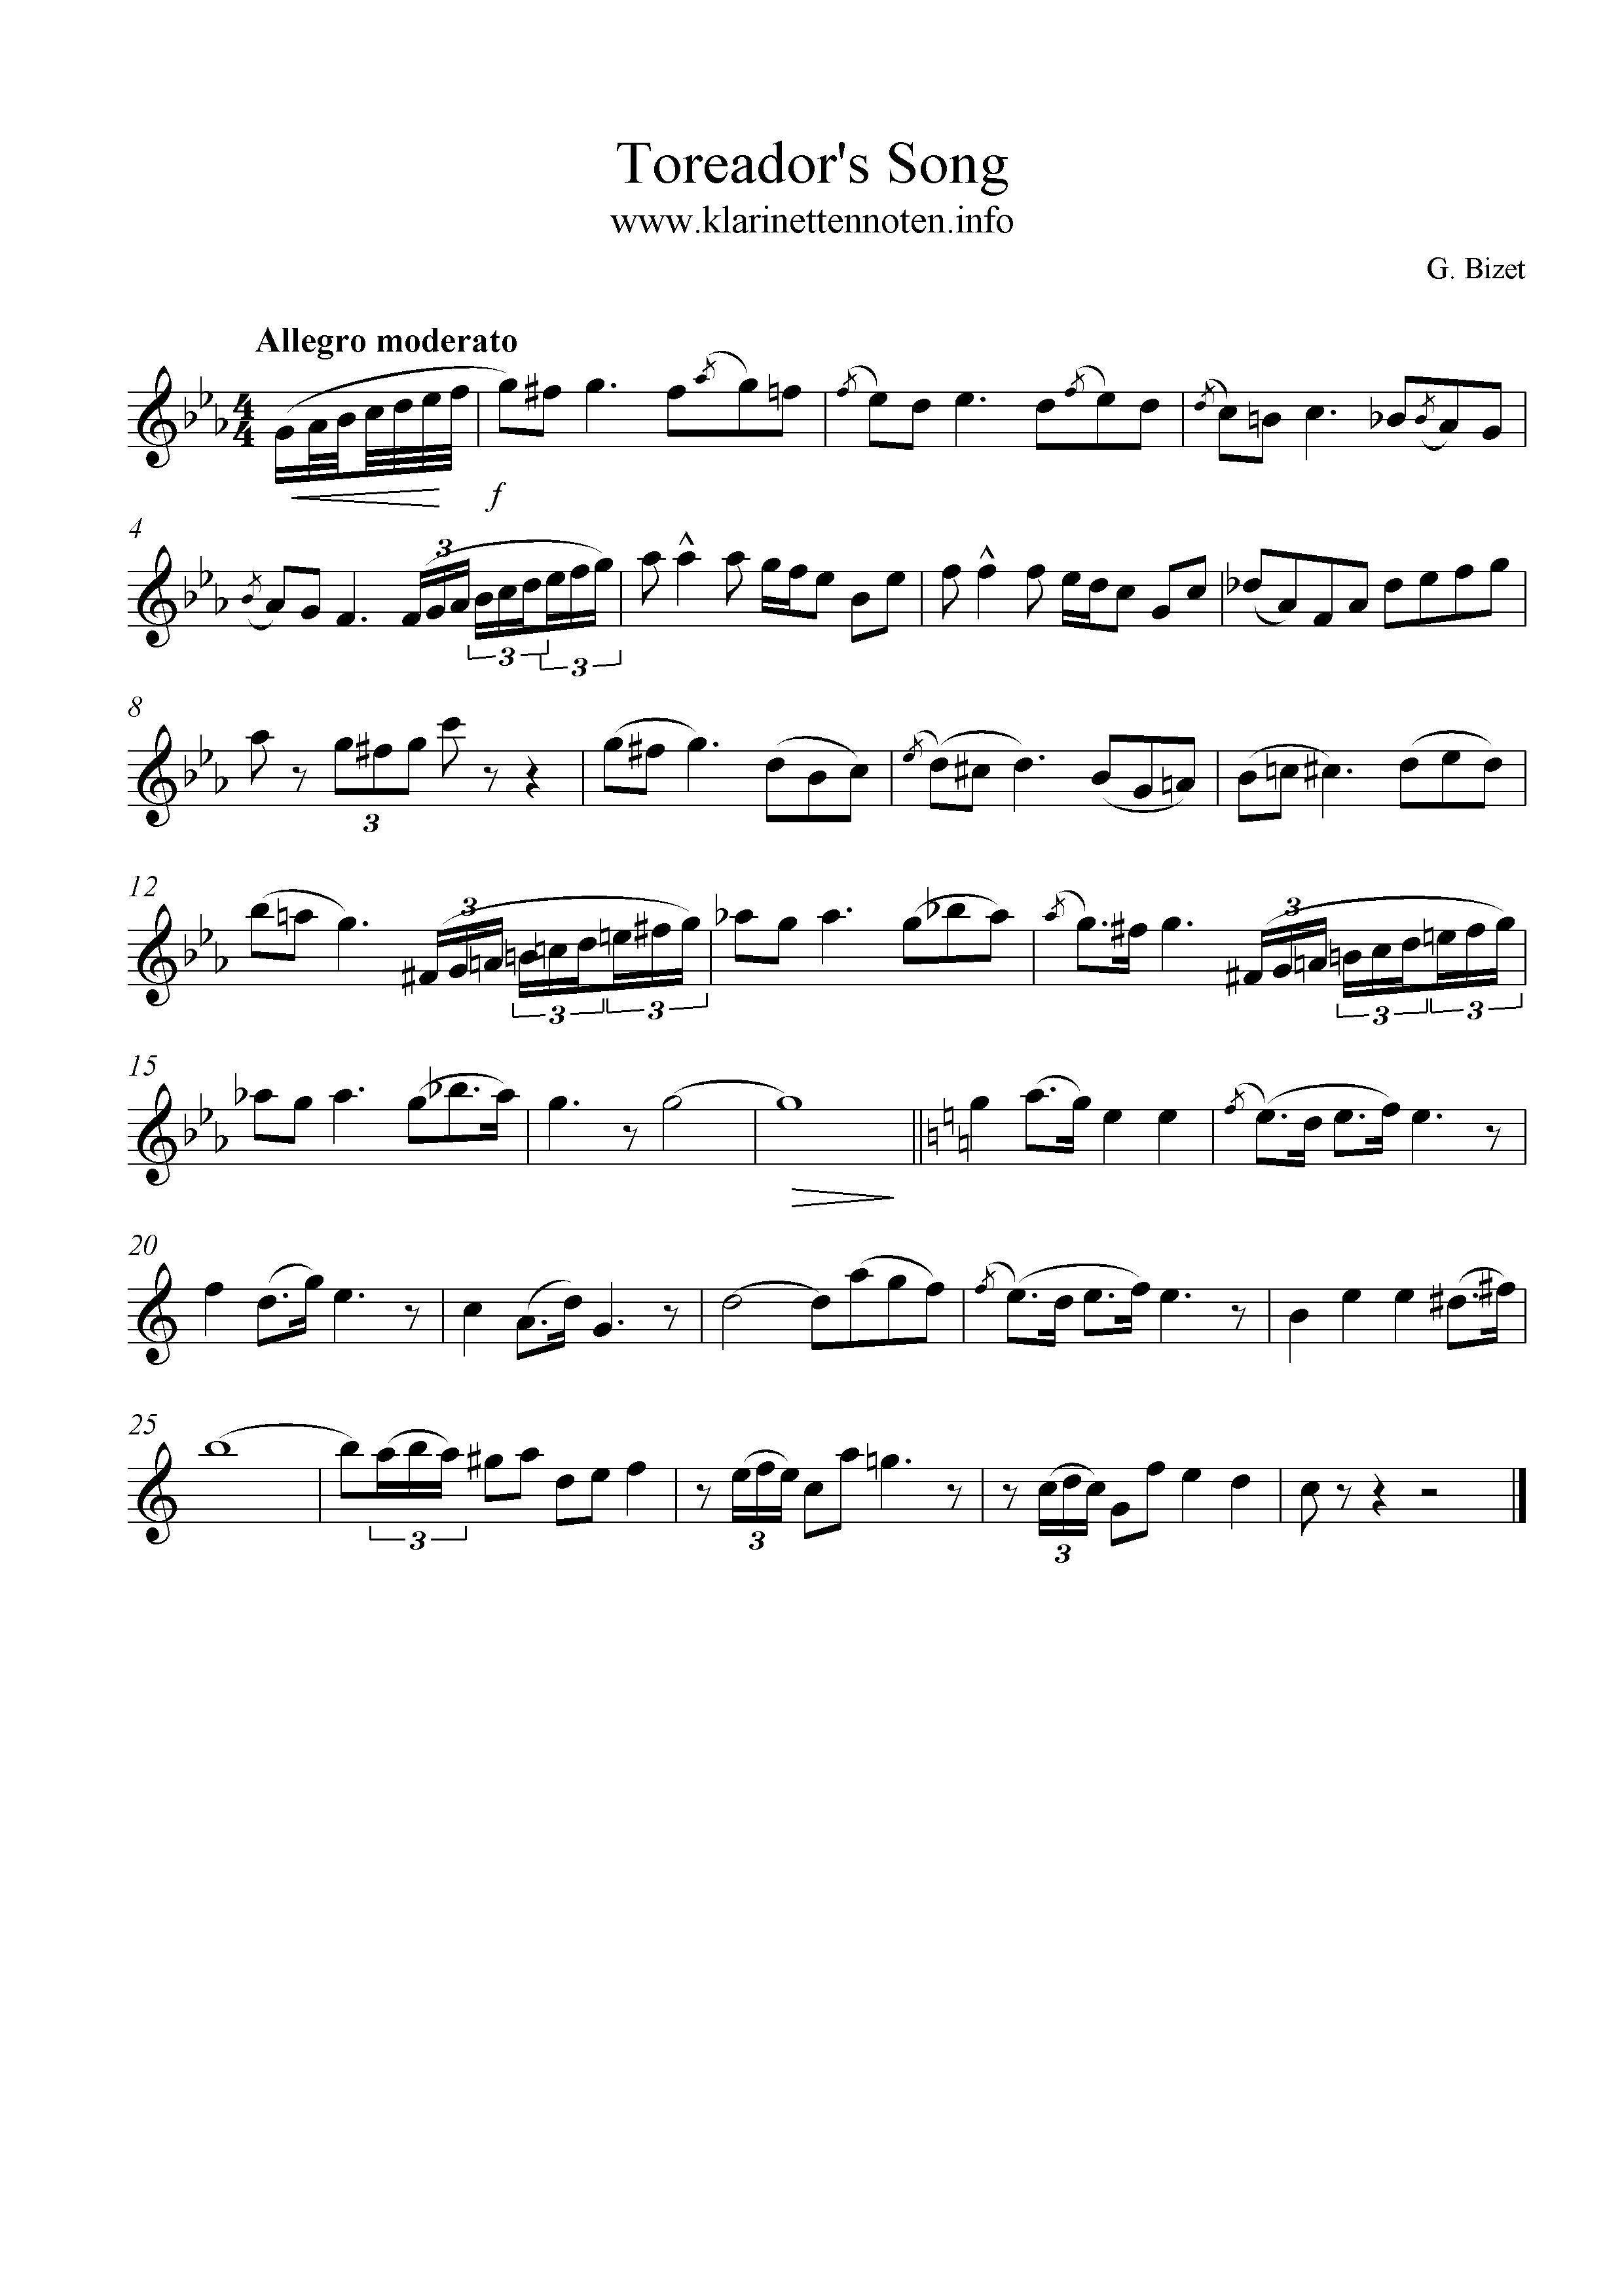 Toreadors Song, am, C-dur